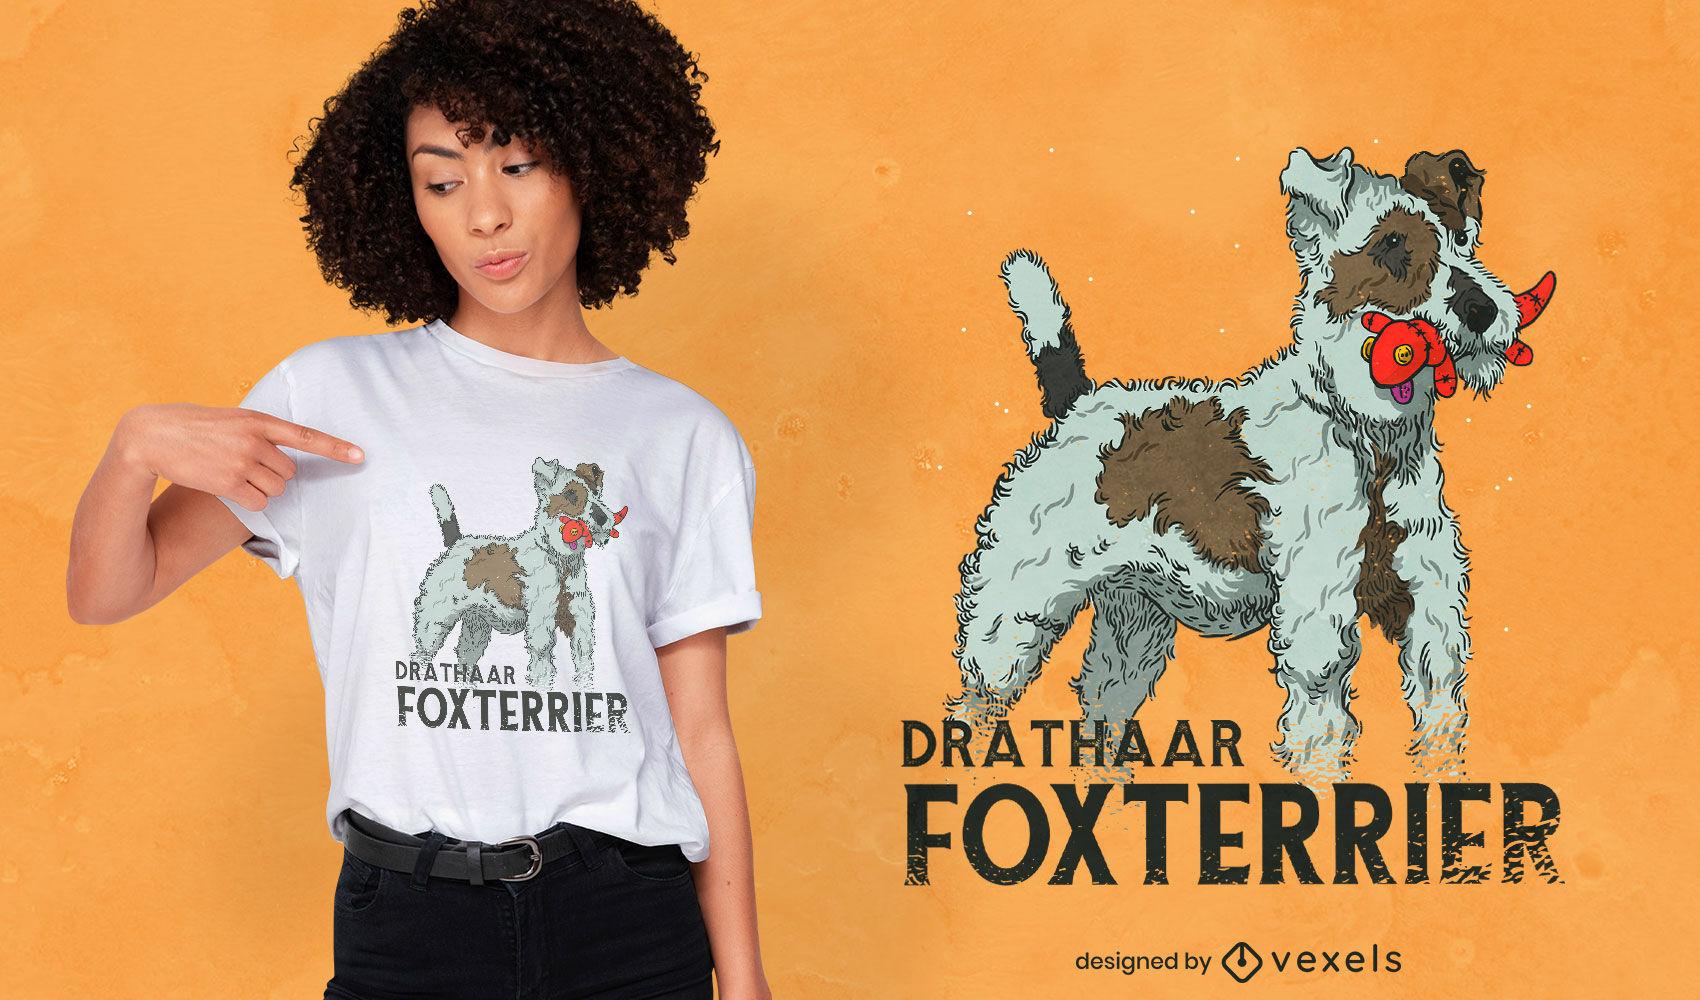 Fox terrier t-shirt design